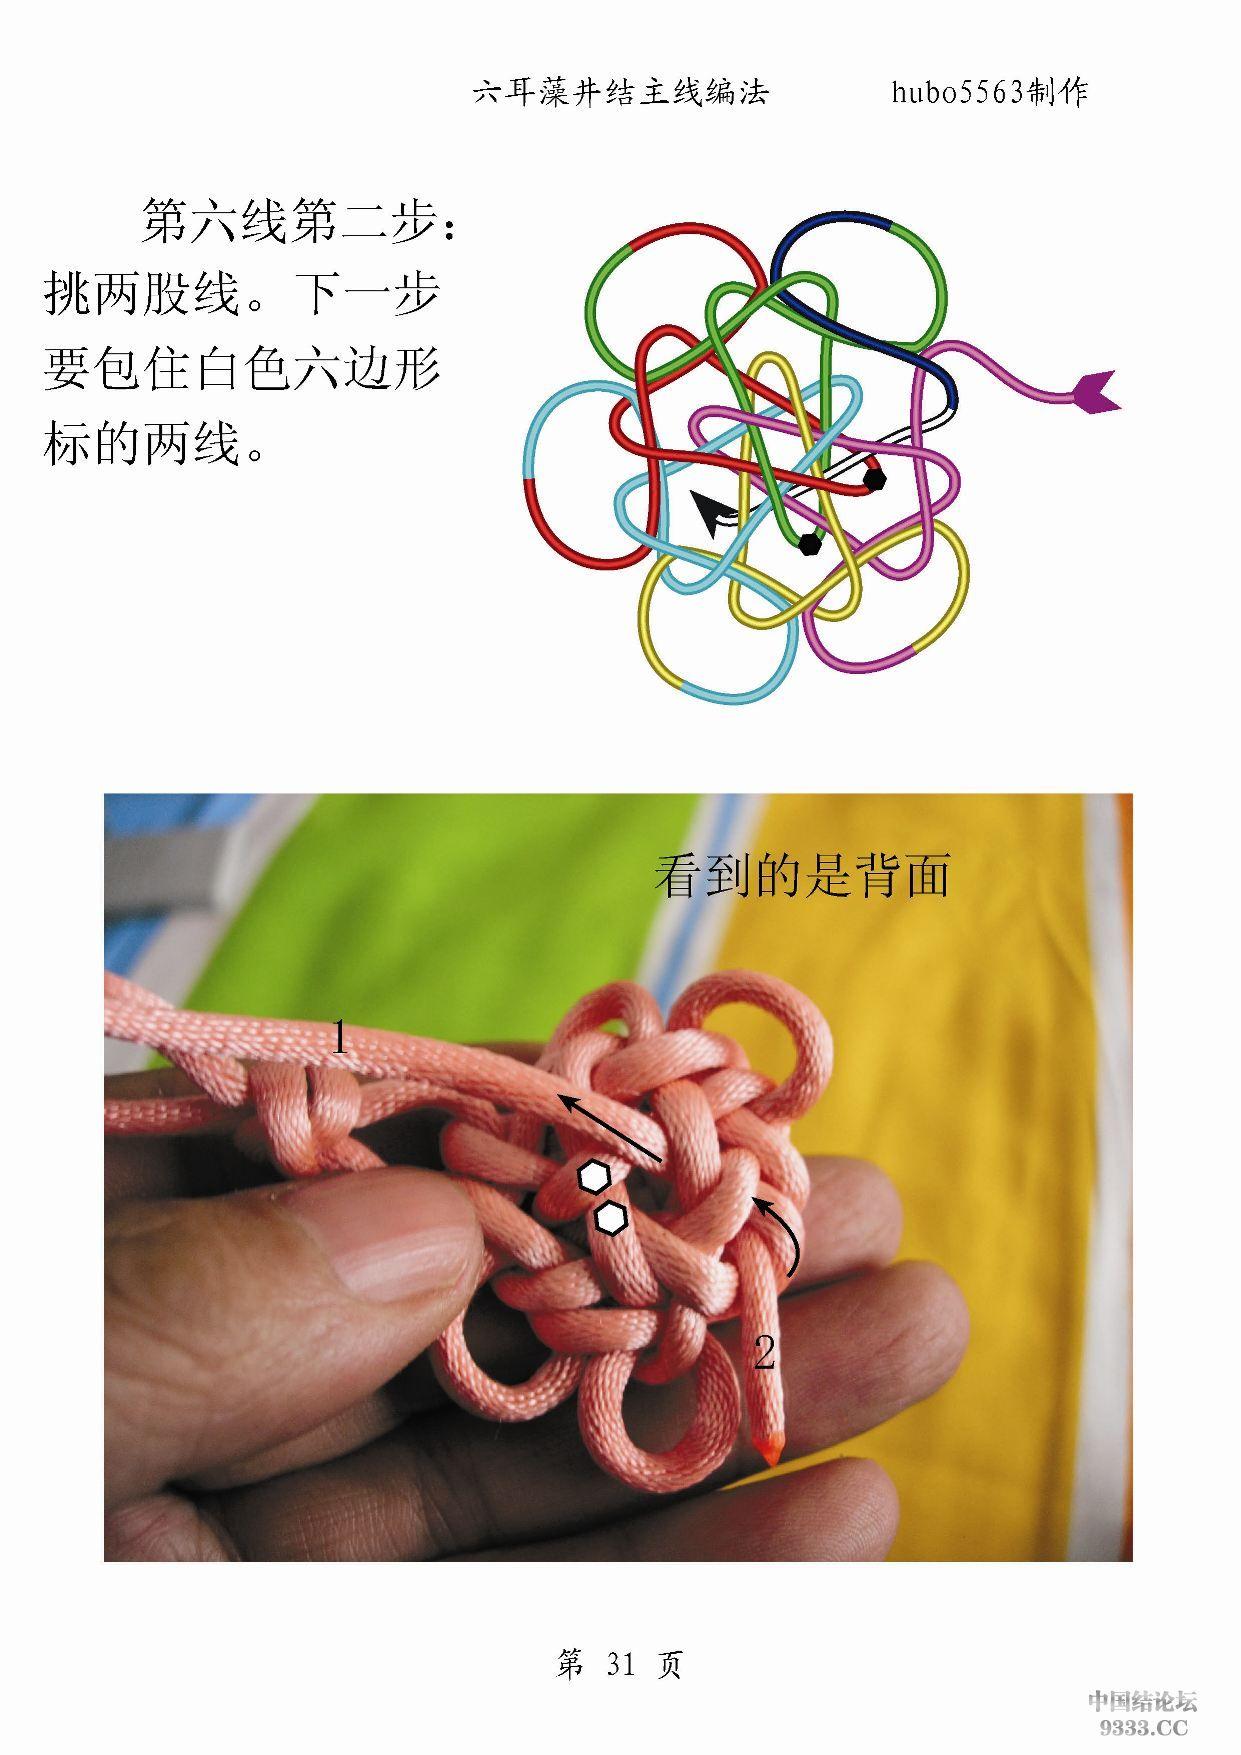 中国结论坛 原创新结---六耳藻井结主线编法徒手教程  基本结-新手入门必看 1002192216c2e84a1026ef078d